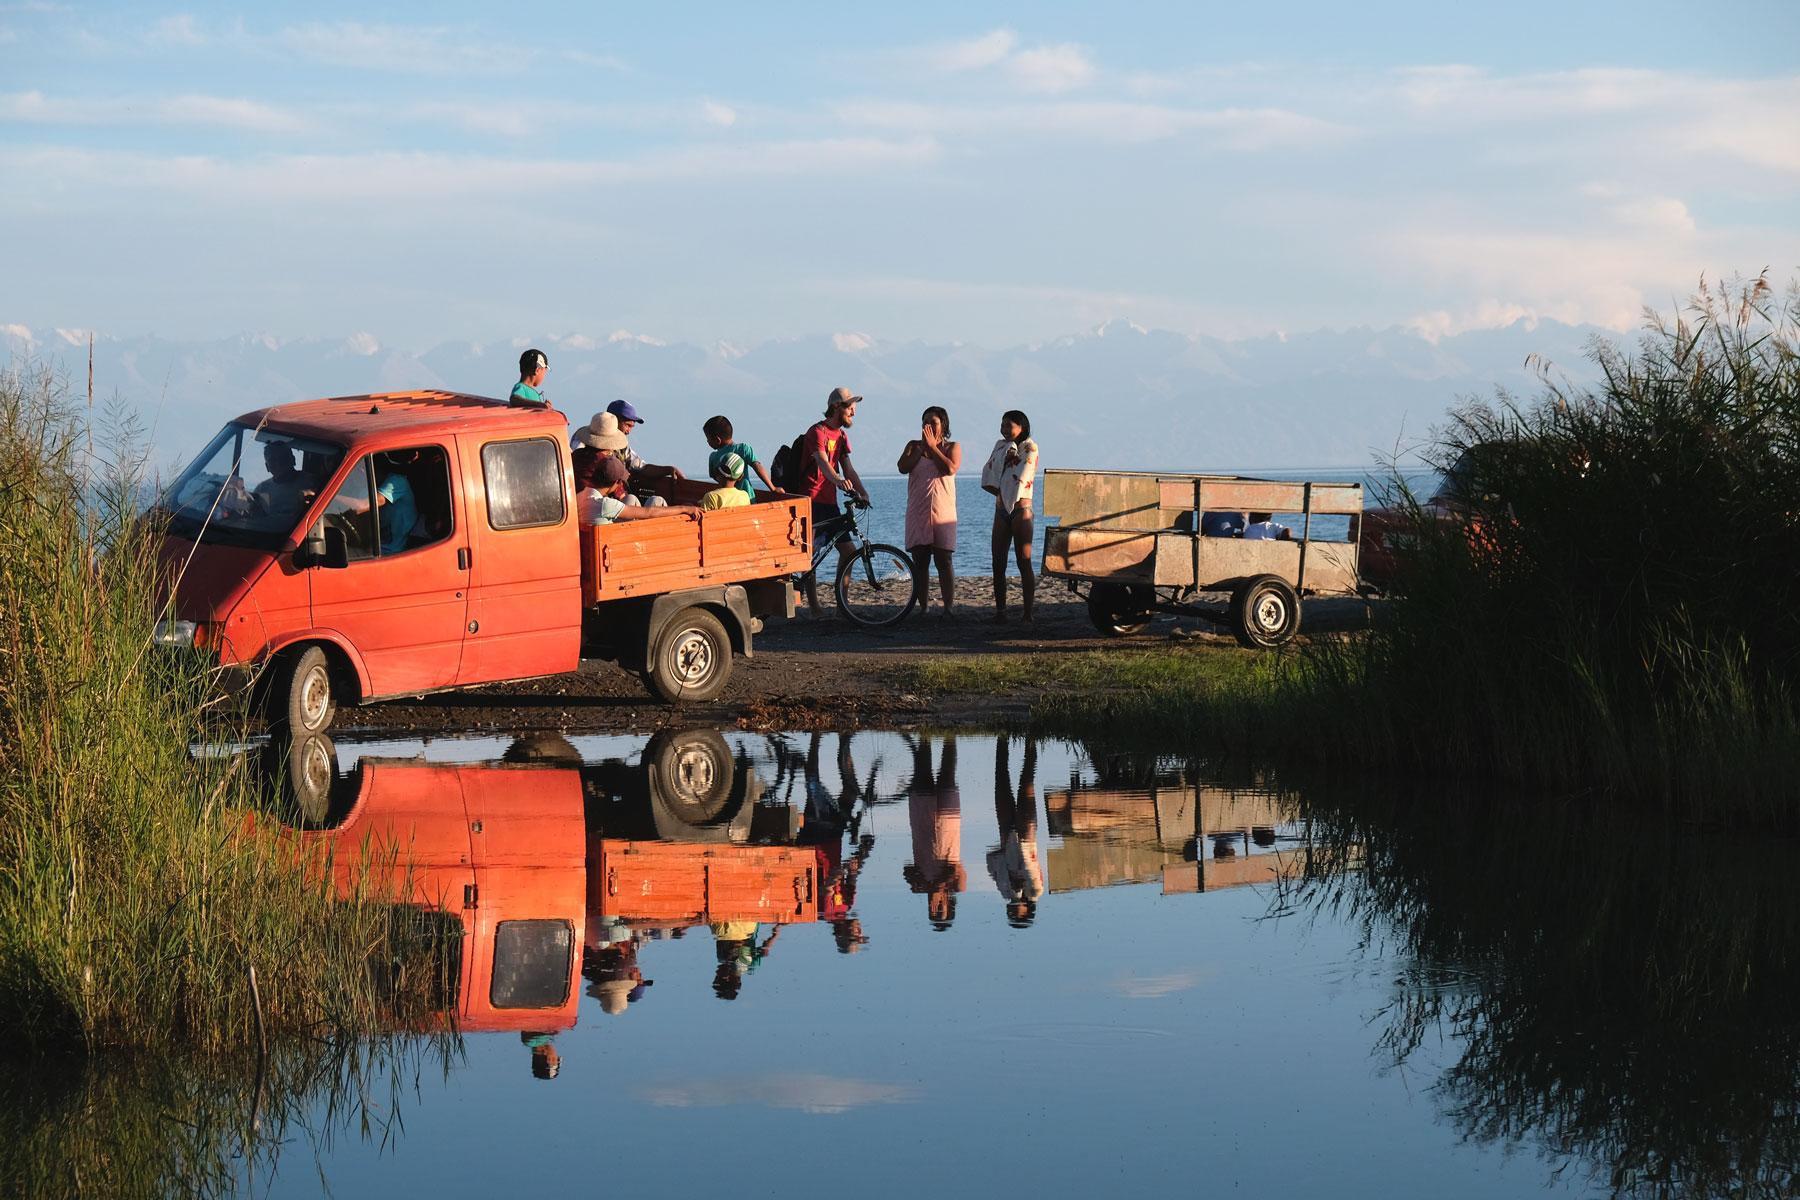 Ein roter Lieferwagen und Menschen am Rand einer riesigen Pfütze.